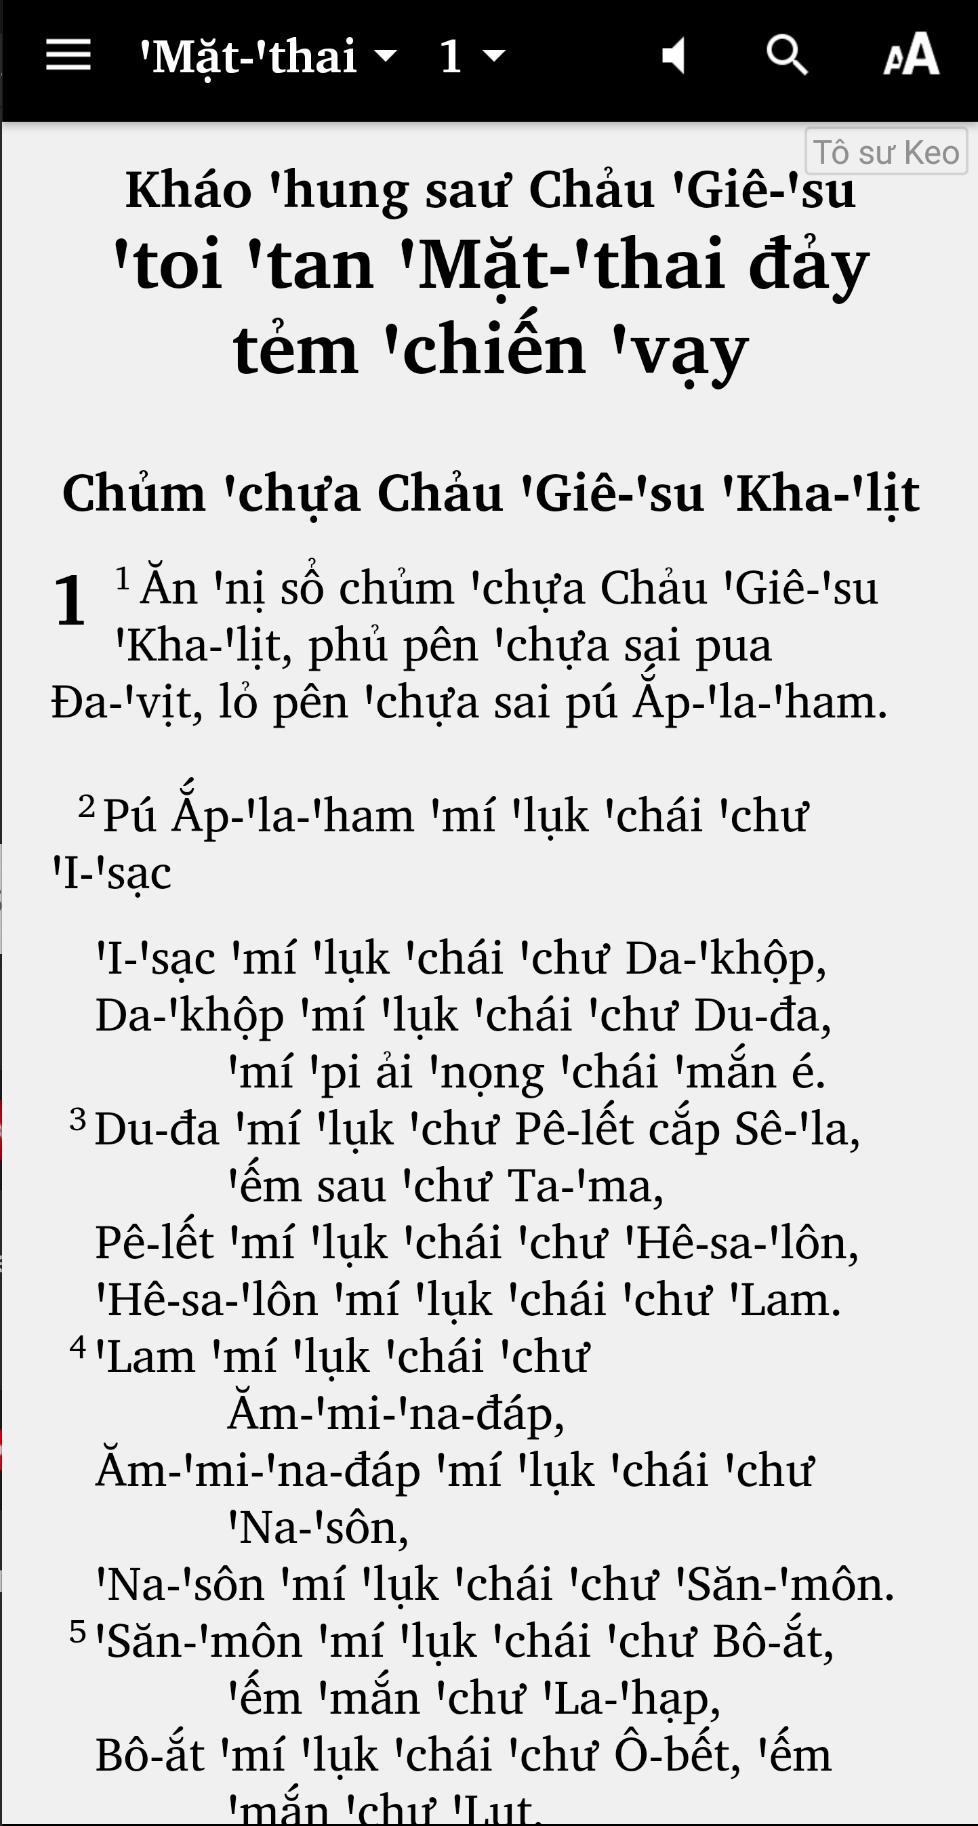 Quám Chảu Pua Phạ ກວາມເຈົ້າປົວຟ້າ Tai Dam Bible for